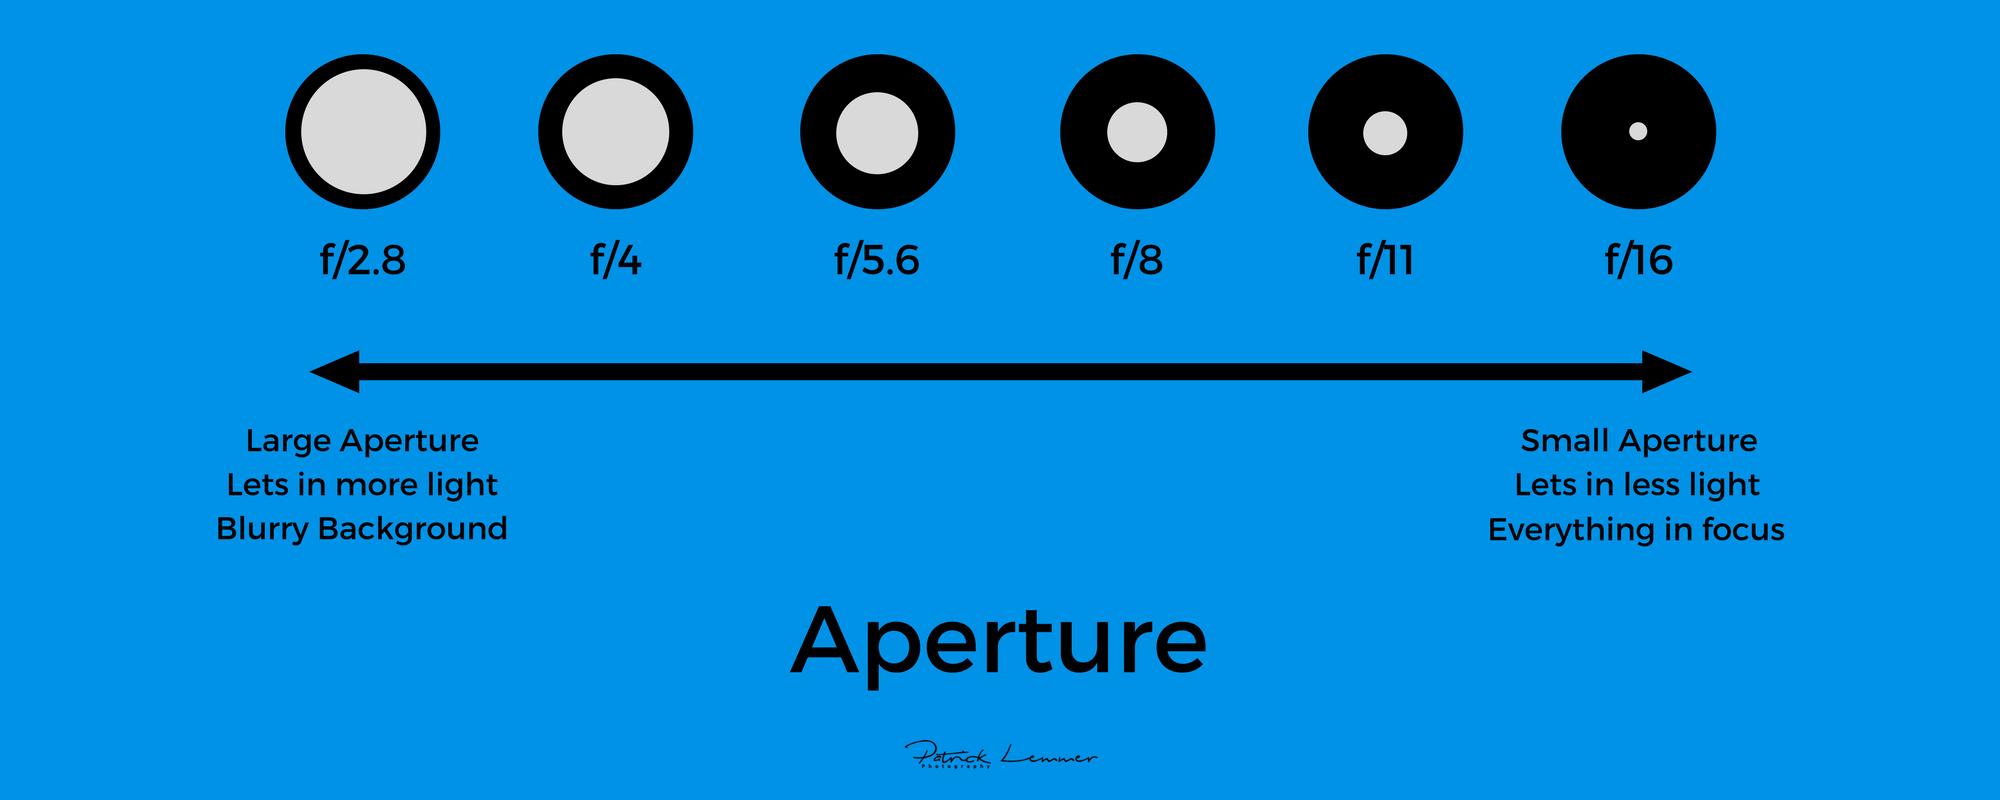 Aperture.png